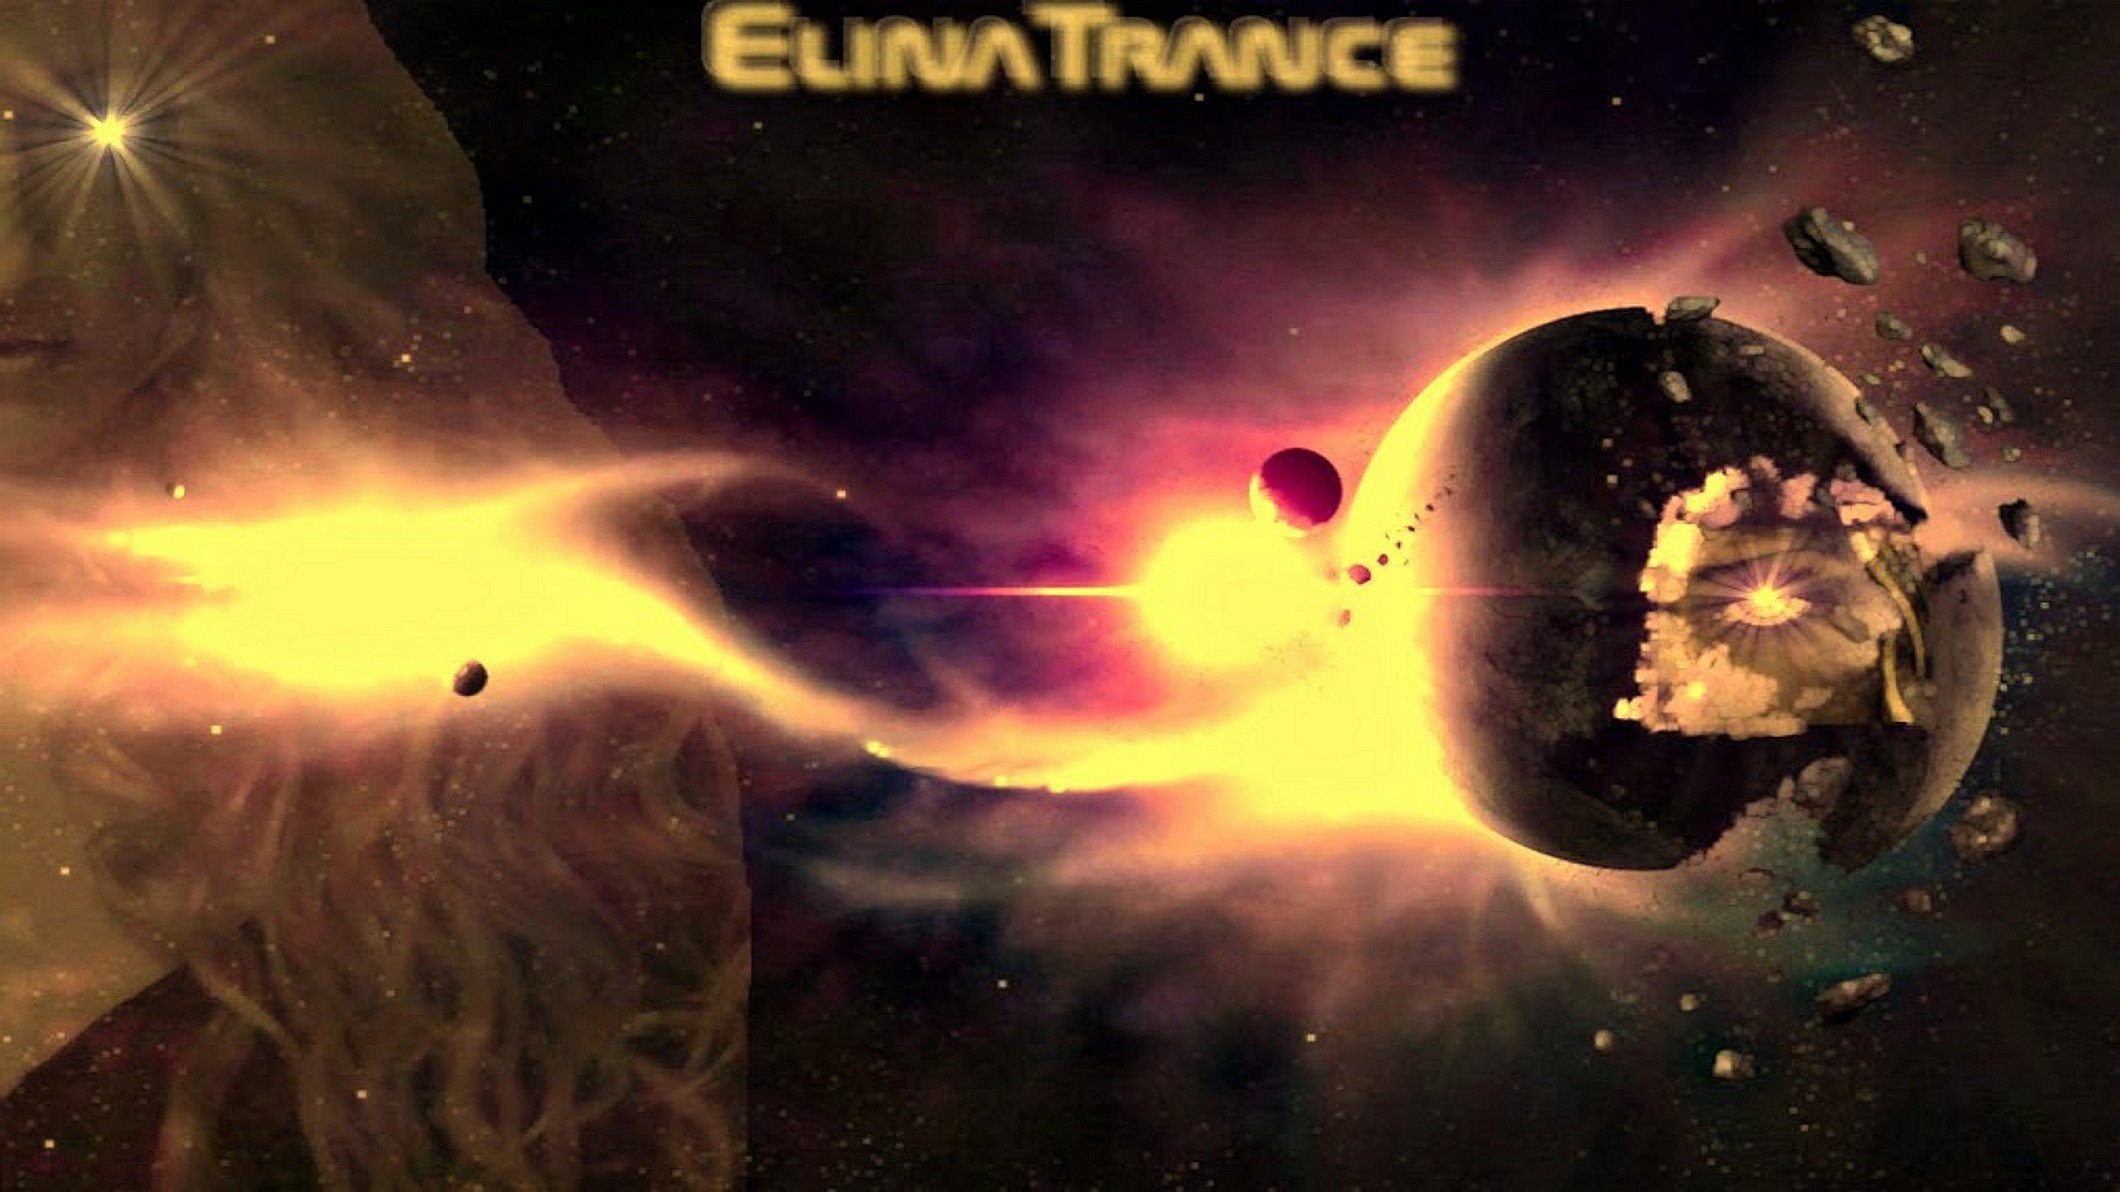 ElinaTrance-space2